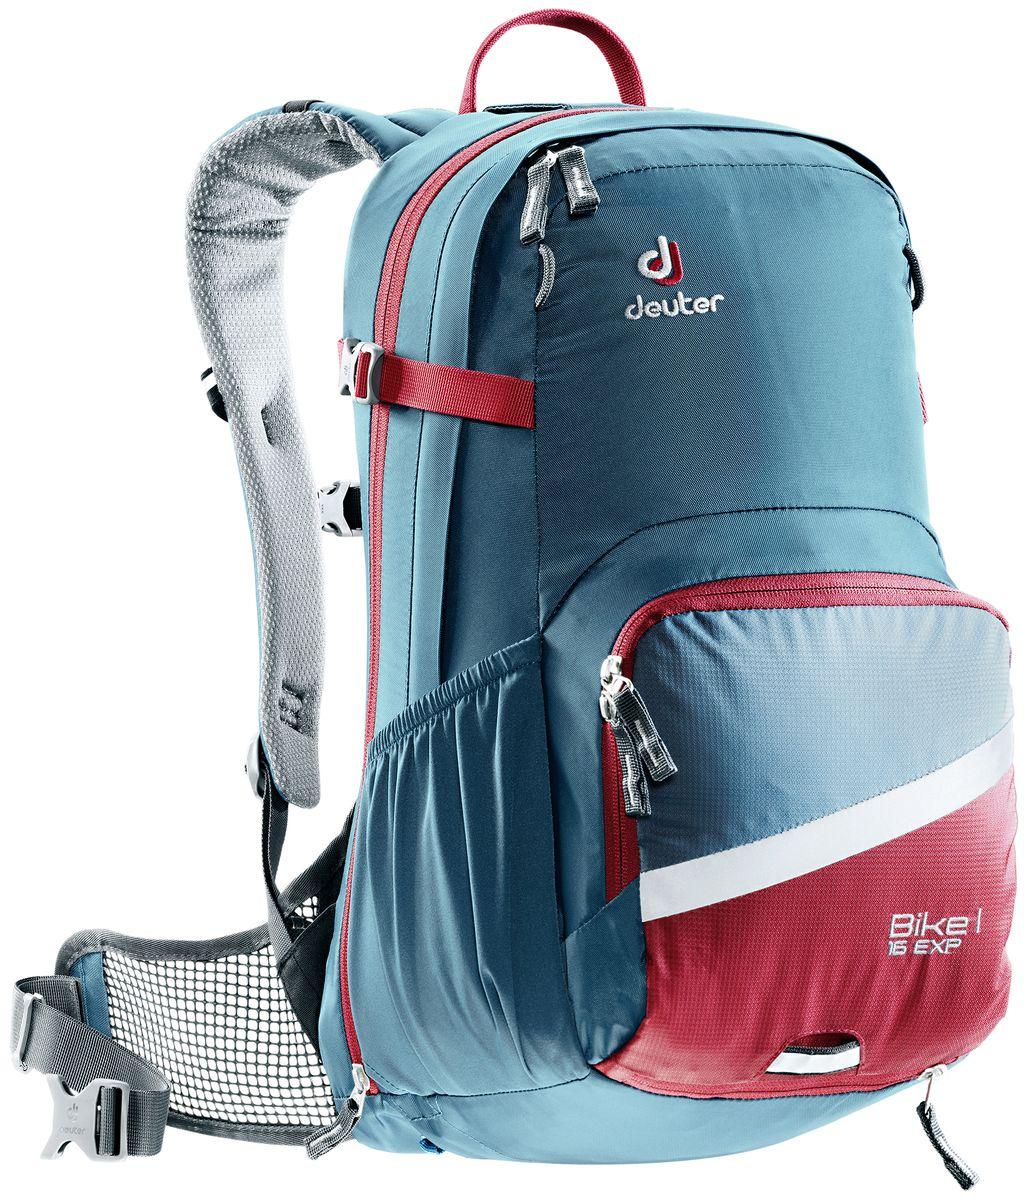 Рюкзак Deuter Bike I Air EXP 16, цвет: бордовый, темно-синий, 16 л3203017_3564- съемный держатель для шлема - прекрасная вентиляция, плотное прилегание к спине, благодаря системе Airstripes с регулируемыми стойками каркаса (Bike I 18 SL & 20) - максимальная вентиляция благодаря сетчатой FlexLite спинке AIRCOMFORT (Bike I Air EXP 16) - хорошо вентилируемые, легкие, сетчатые набедренные крылья пояса (Bike I 18 SL, Air EXP 16 & 20) - поясной ремень (Bike I 14) - чехол от дождя на молнии - удобные плечевые лямки с мягкими краями Soft-Edge - съемный, складывающийся дождевик - компрессионные ремни - большой карман на молнии с органайзером и карабинчиком для ключей и отделениями для мобильного телефона, бумажника, инструментов и т.д. - легкодоступное отделение на молнии для смартфона или карты на задней стороне - эластичные боковые карманы - большие 3M отражающие полосы на переднем кармане - светоотражающая петля для габаритного фонарика - отделение для влажной одежды - совместимость с питьевой системой ...